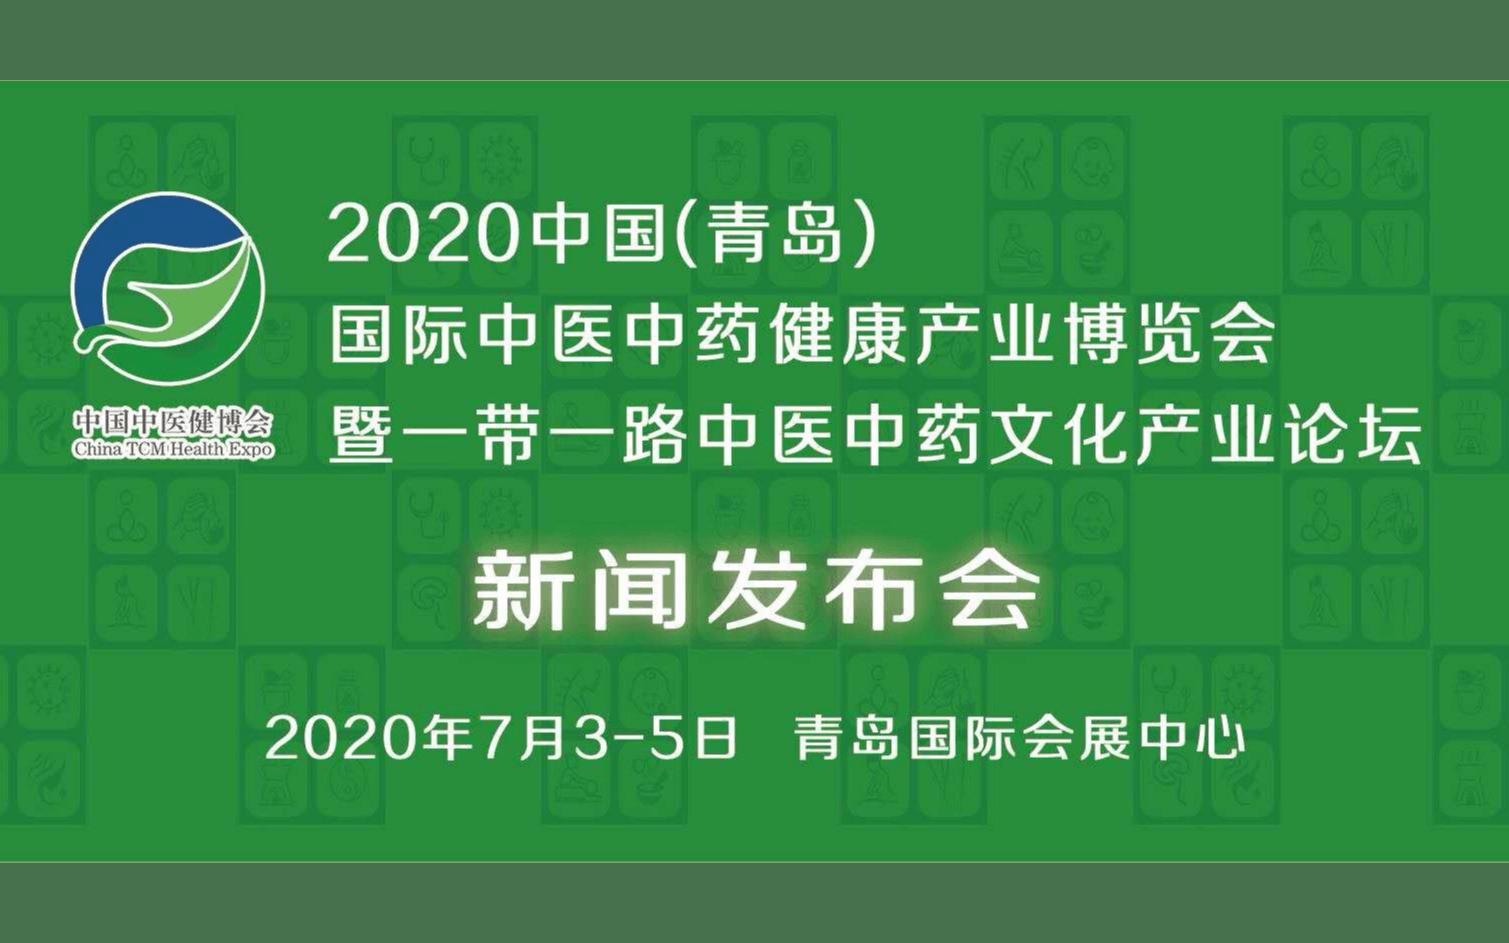 2020中国山东(青岛)国际中医中药健康产业博览会暨一带一路中医中药文化产业论坛